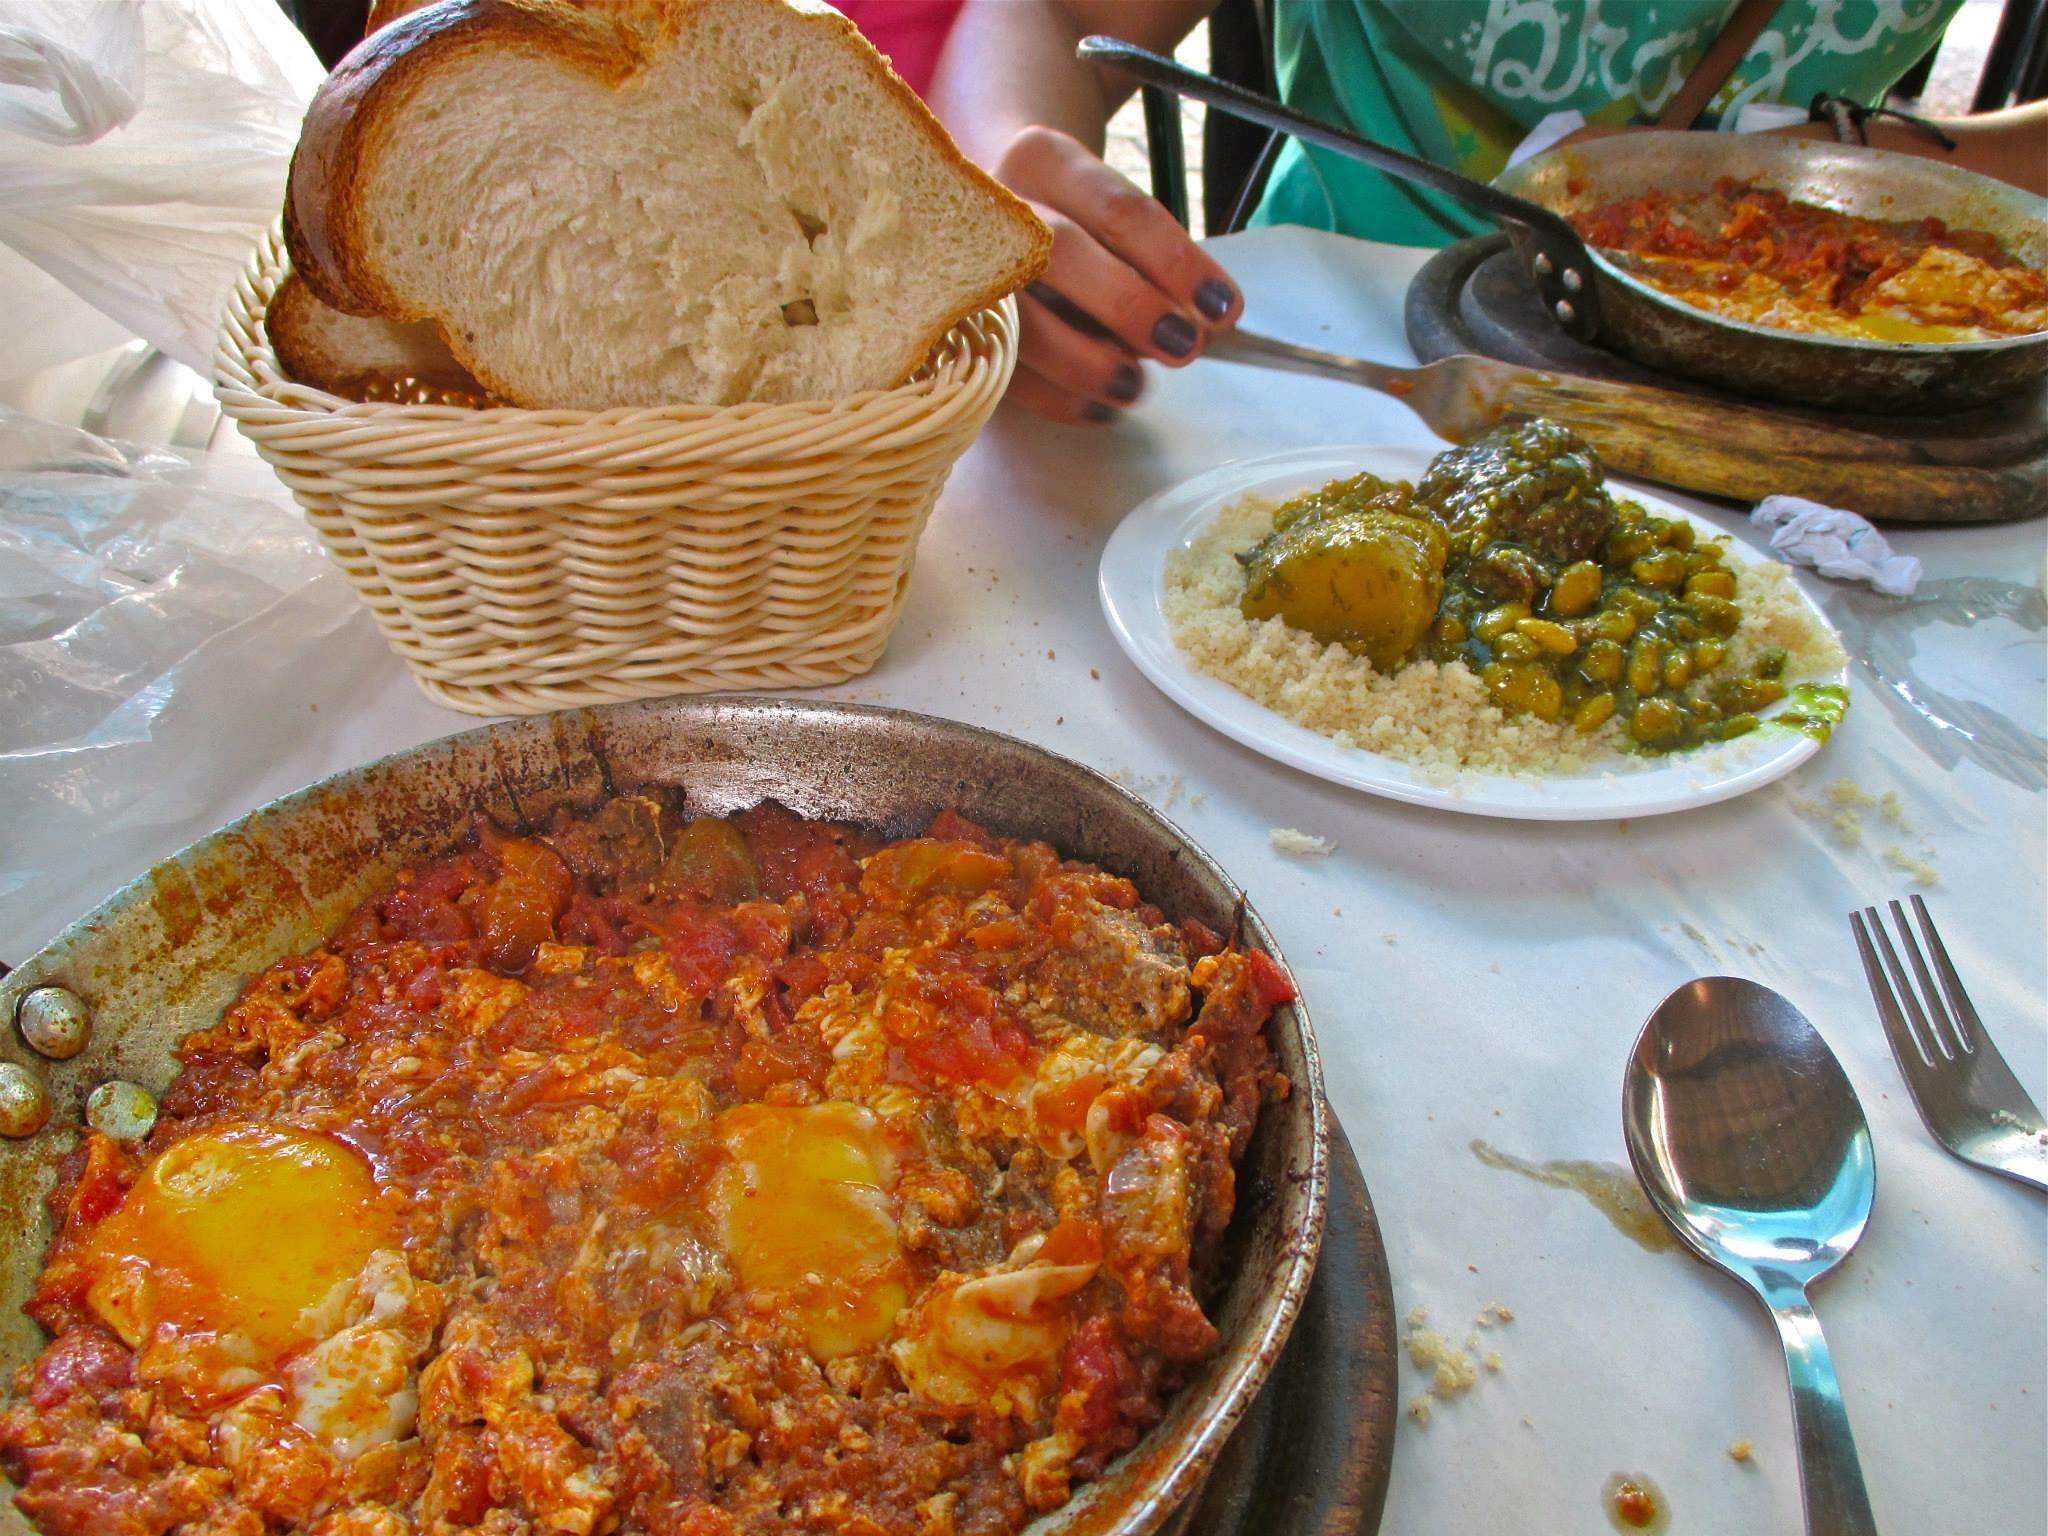 Our meal at Dr. Sakshuka